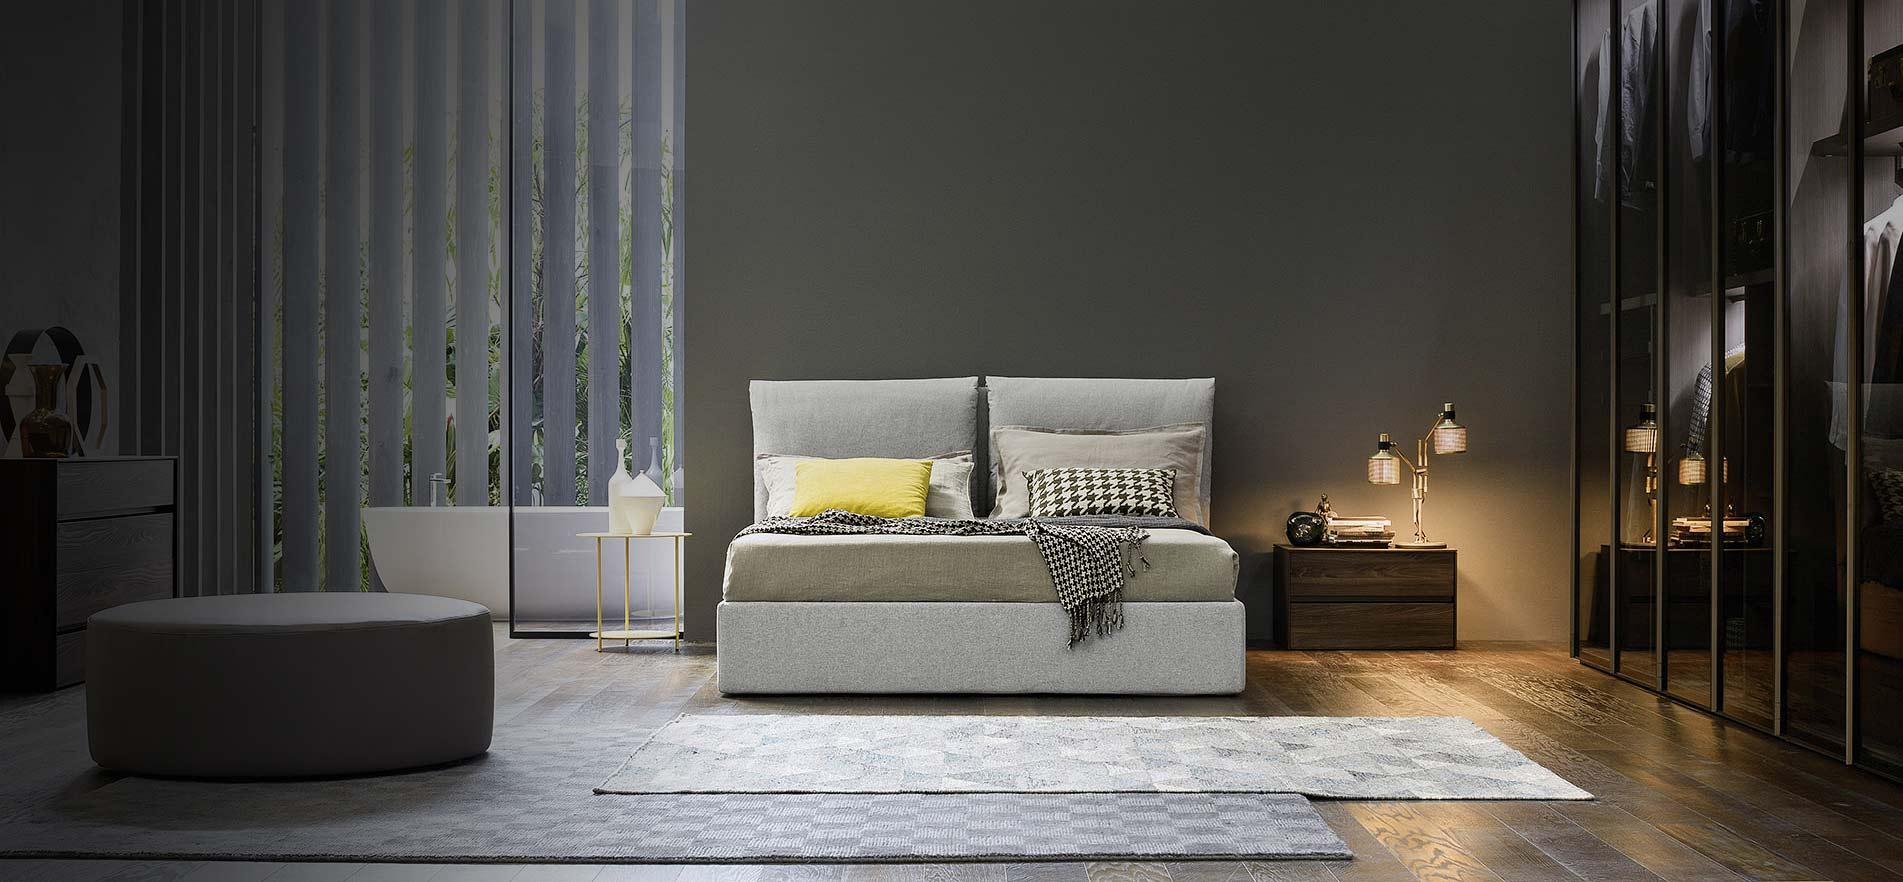 Full Size of Bestes Bett Designer Betten Moderne Hochwertig Einzigartig Für übergewichtige 100x200 Hülsta Sofa Mit Bettfunktion Weiß Stabiles Modernes 180x200 Massiv Bett Bestes Bett